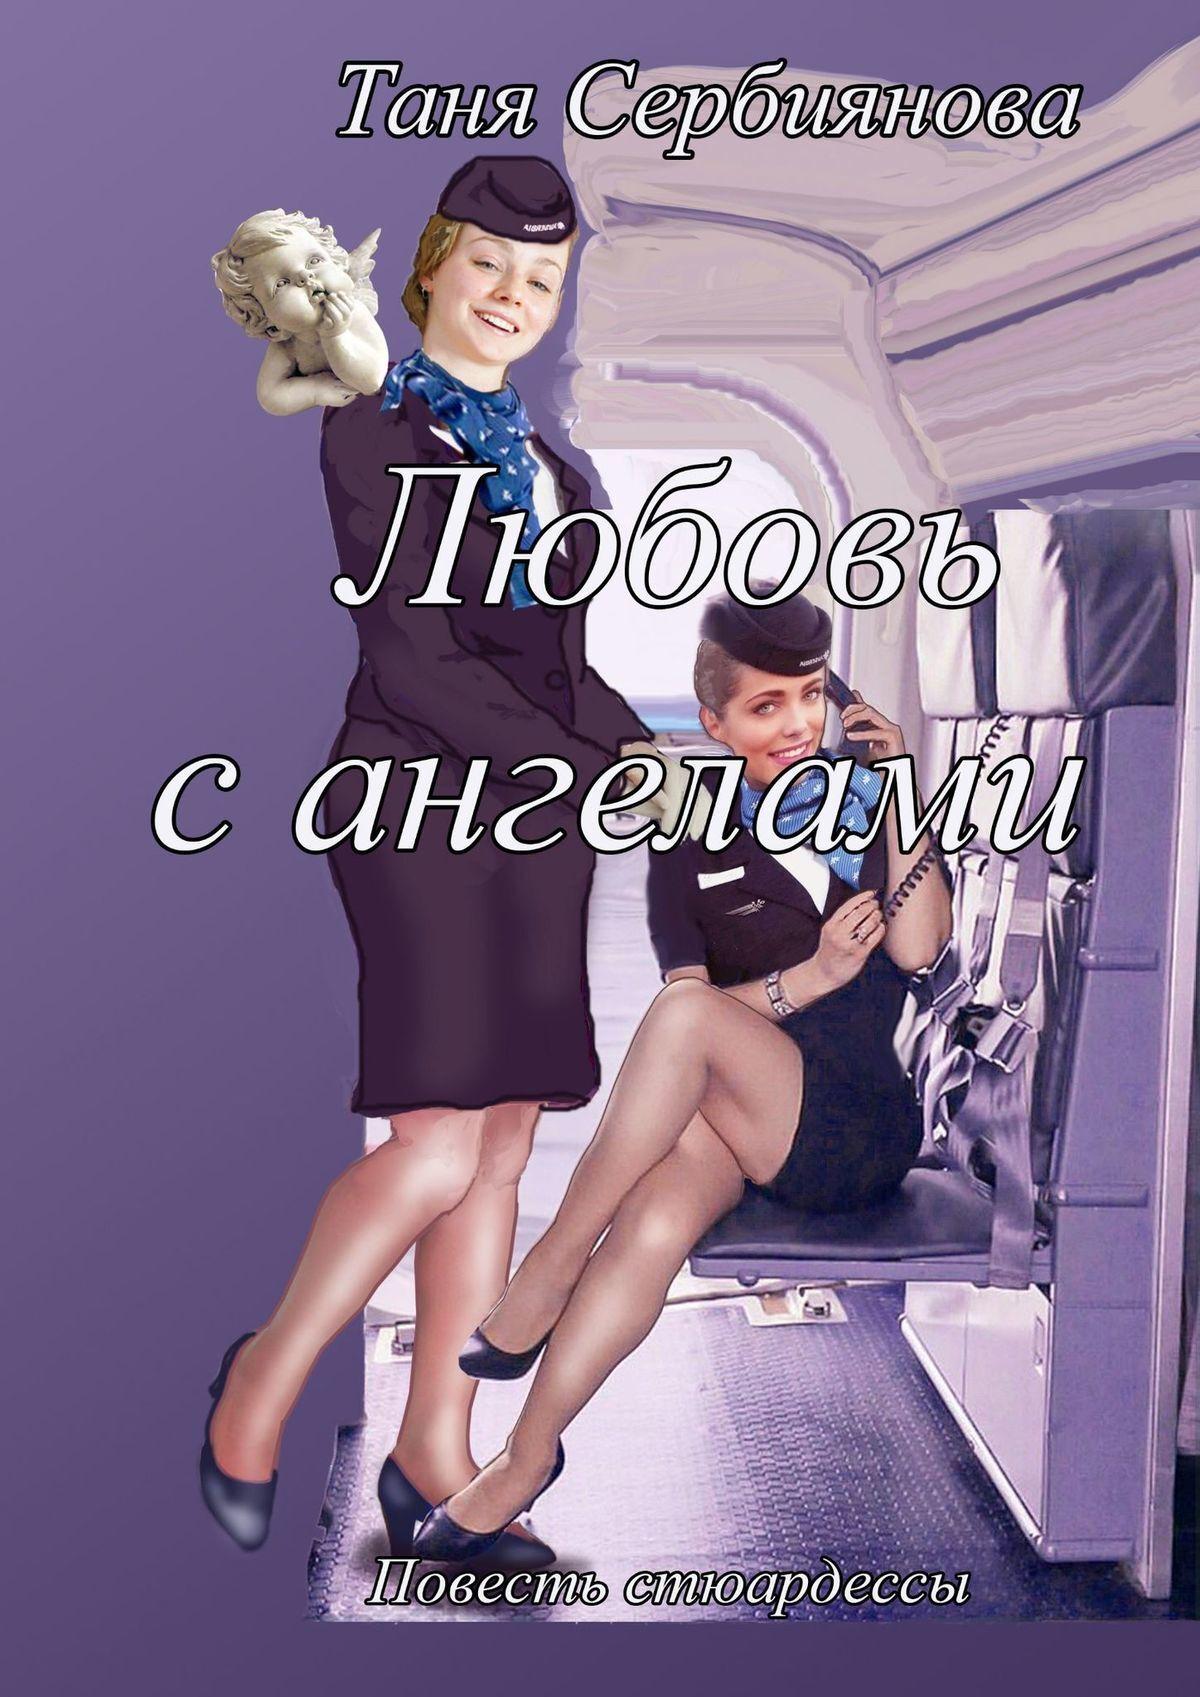 Таня Сербиянова Любовь сангелами. Повесть стюардессы зотова е дневник стюардессы крупнейшей российской авиакомпании